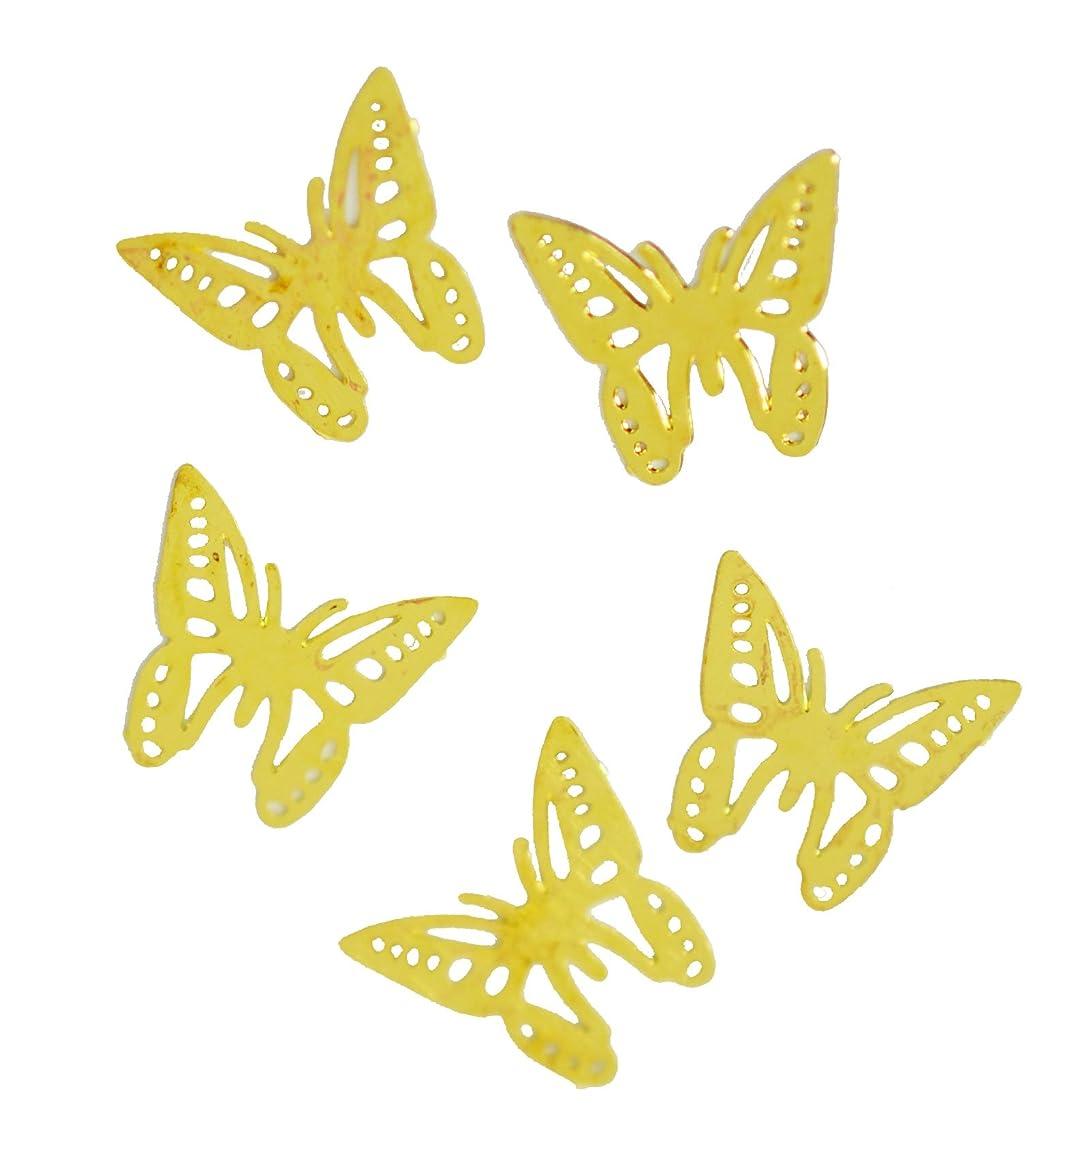 トークン感染する取り扱い薄型メタルパーツ バタフライ アゲハ蝶 6×6mm ゴールド 30p入り